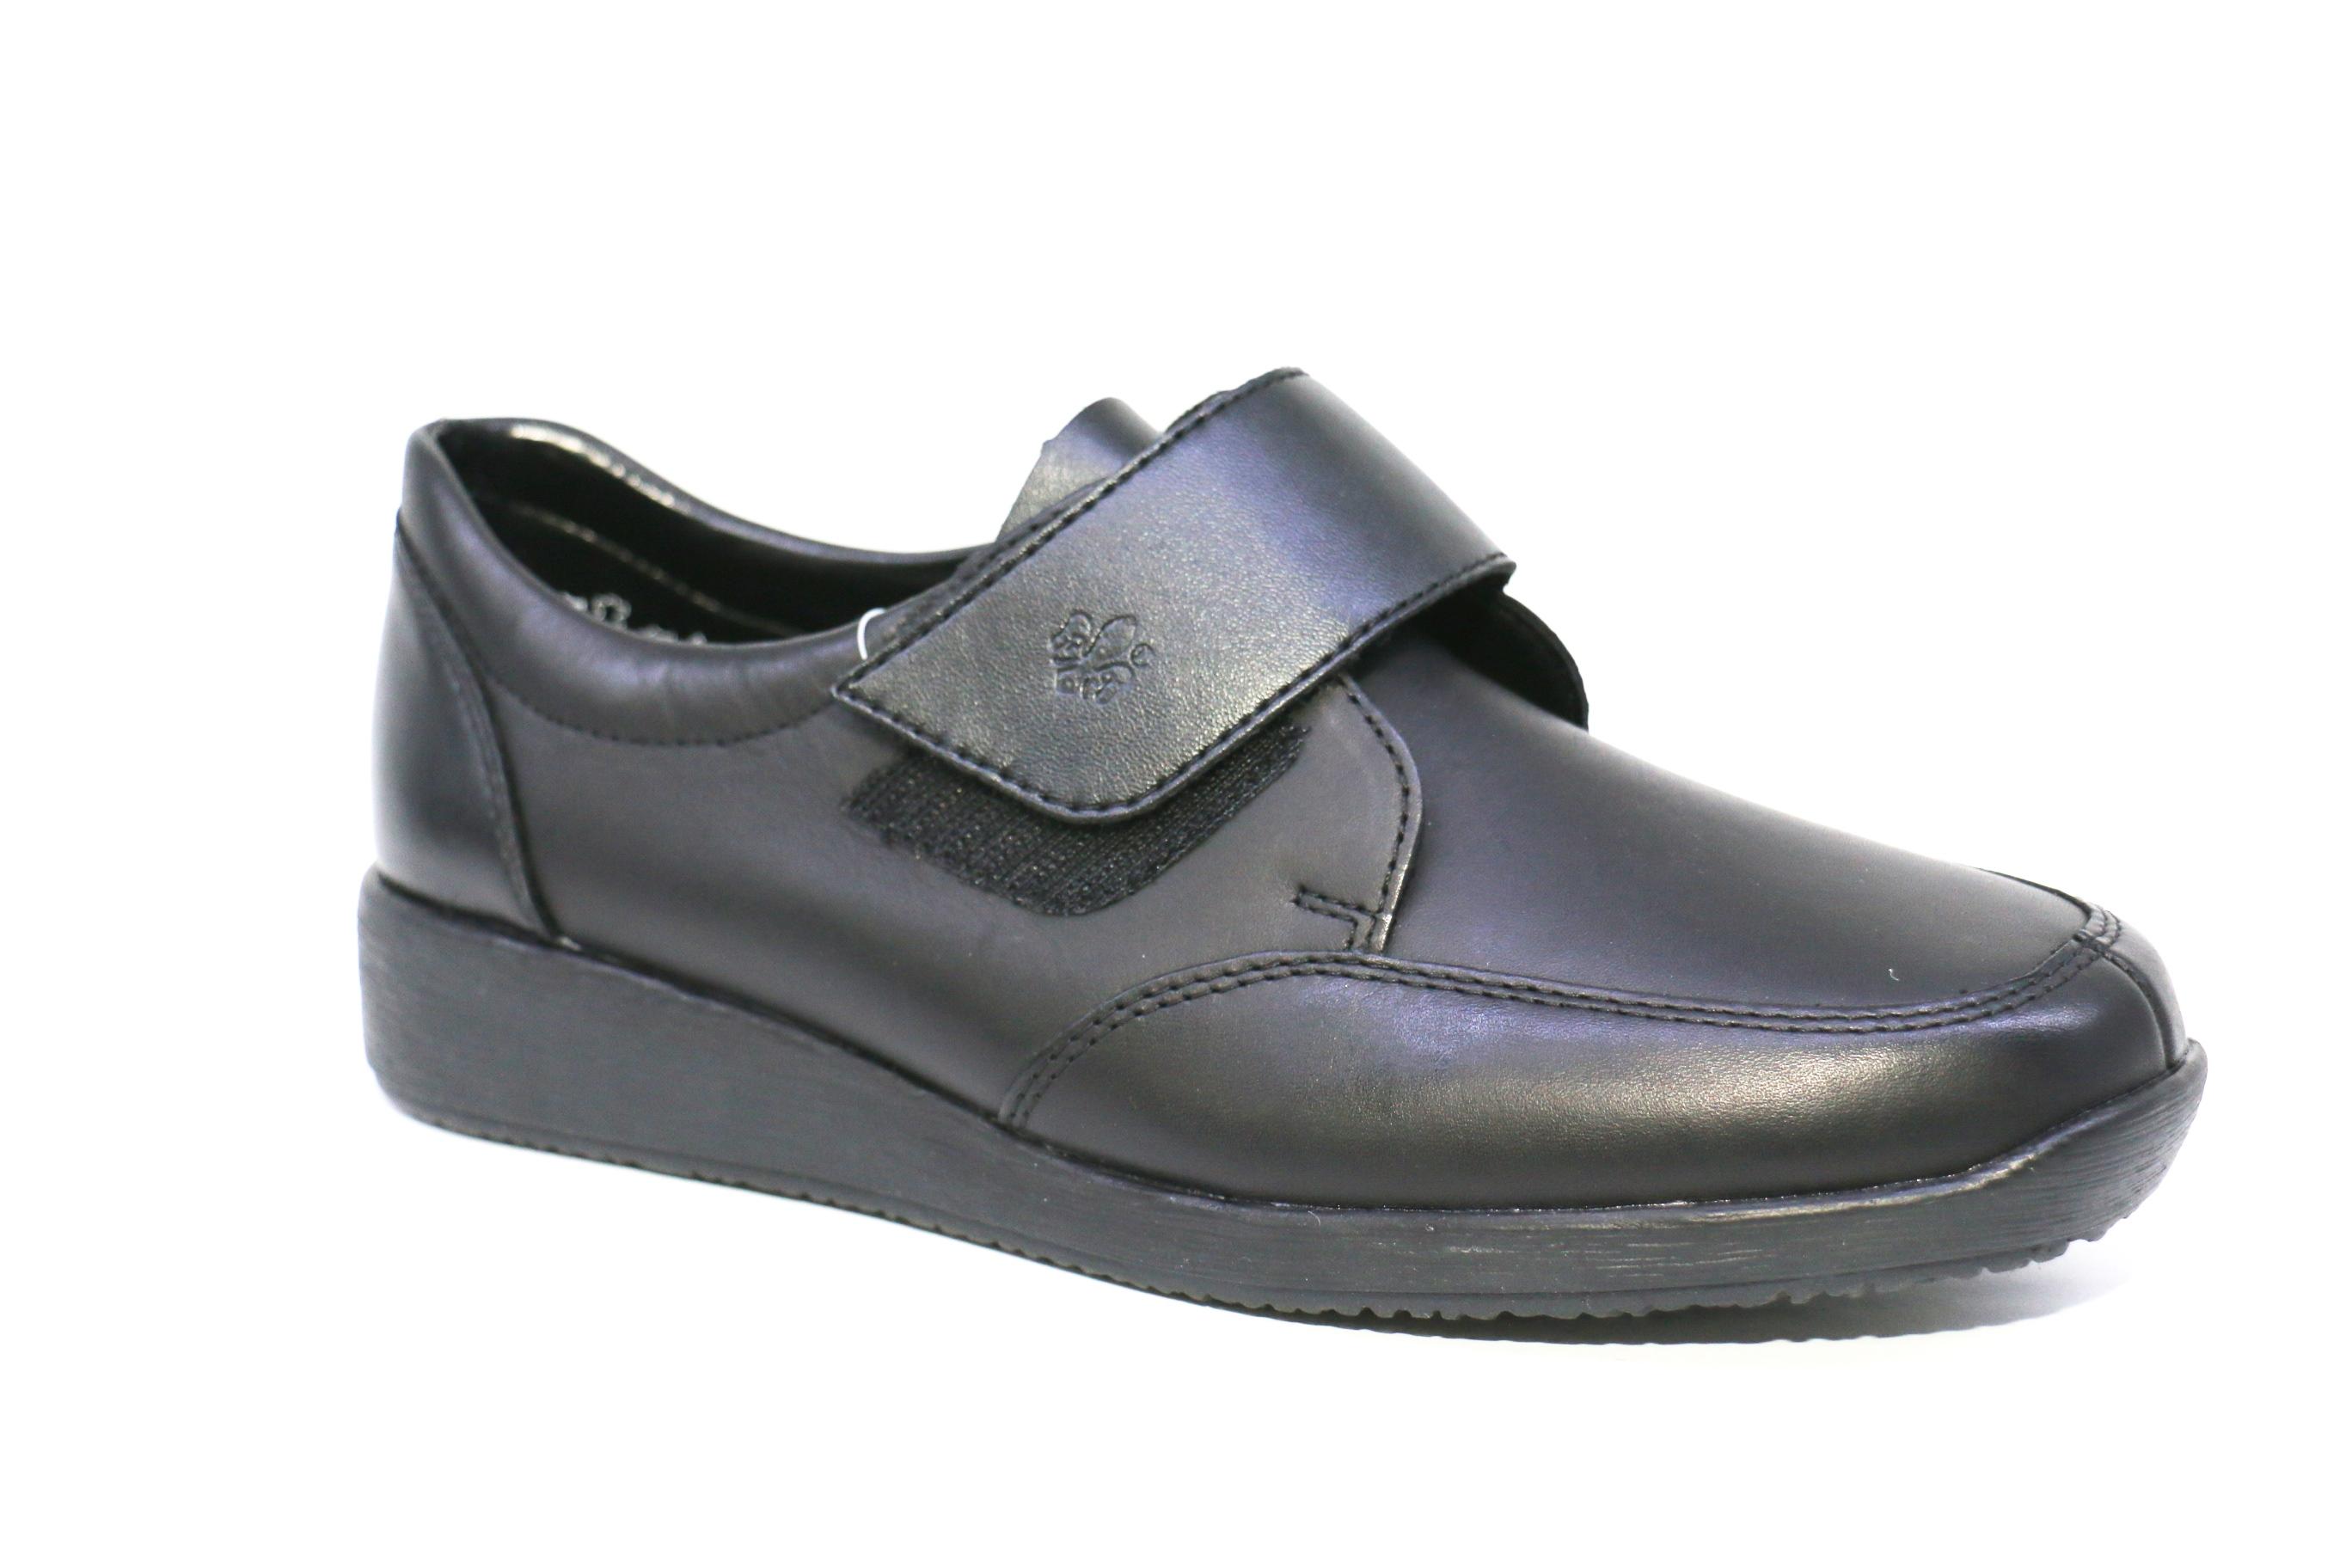 411b8eb29 Товары со скидкой | Обувь из Германии.Немецкая обувь.